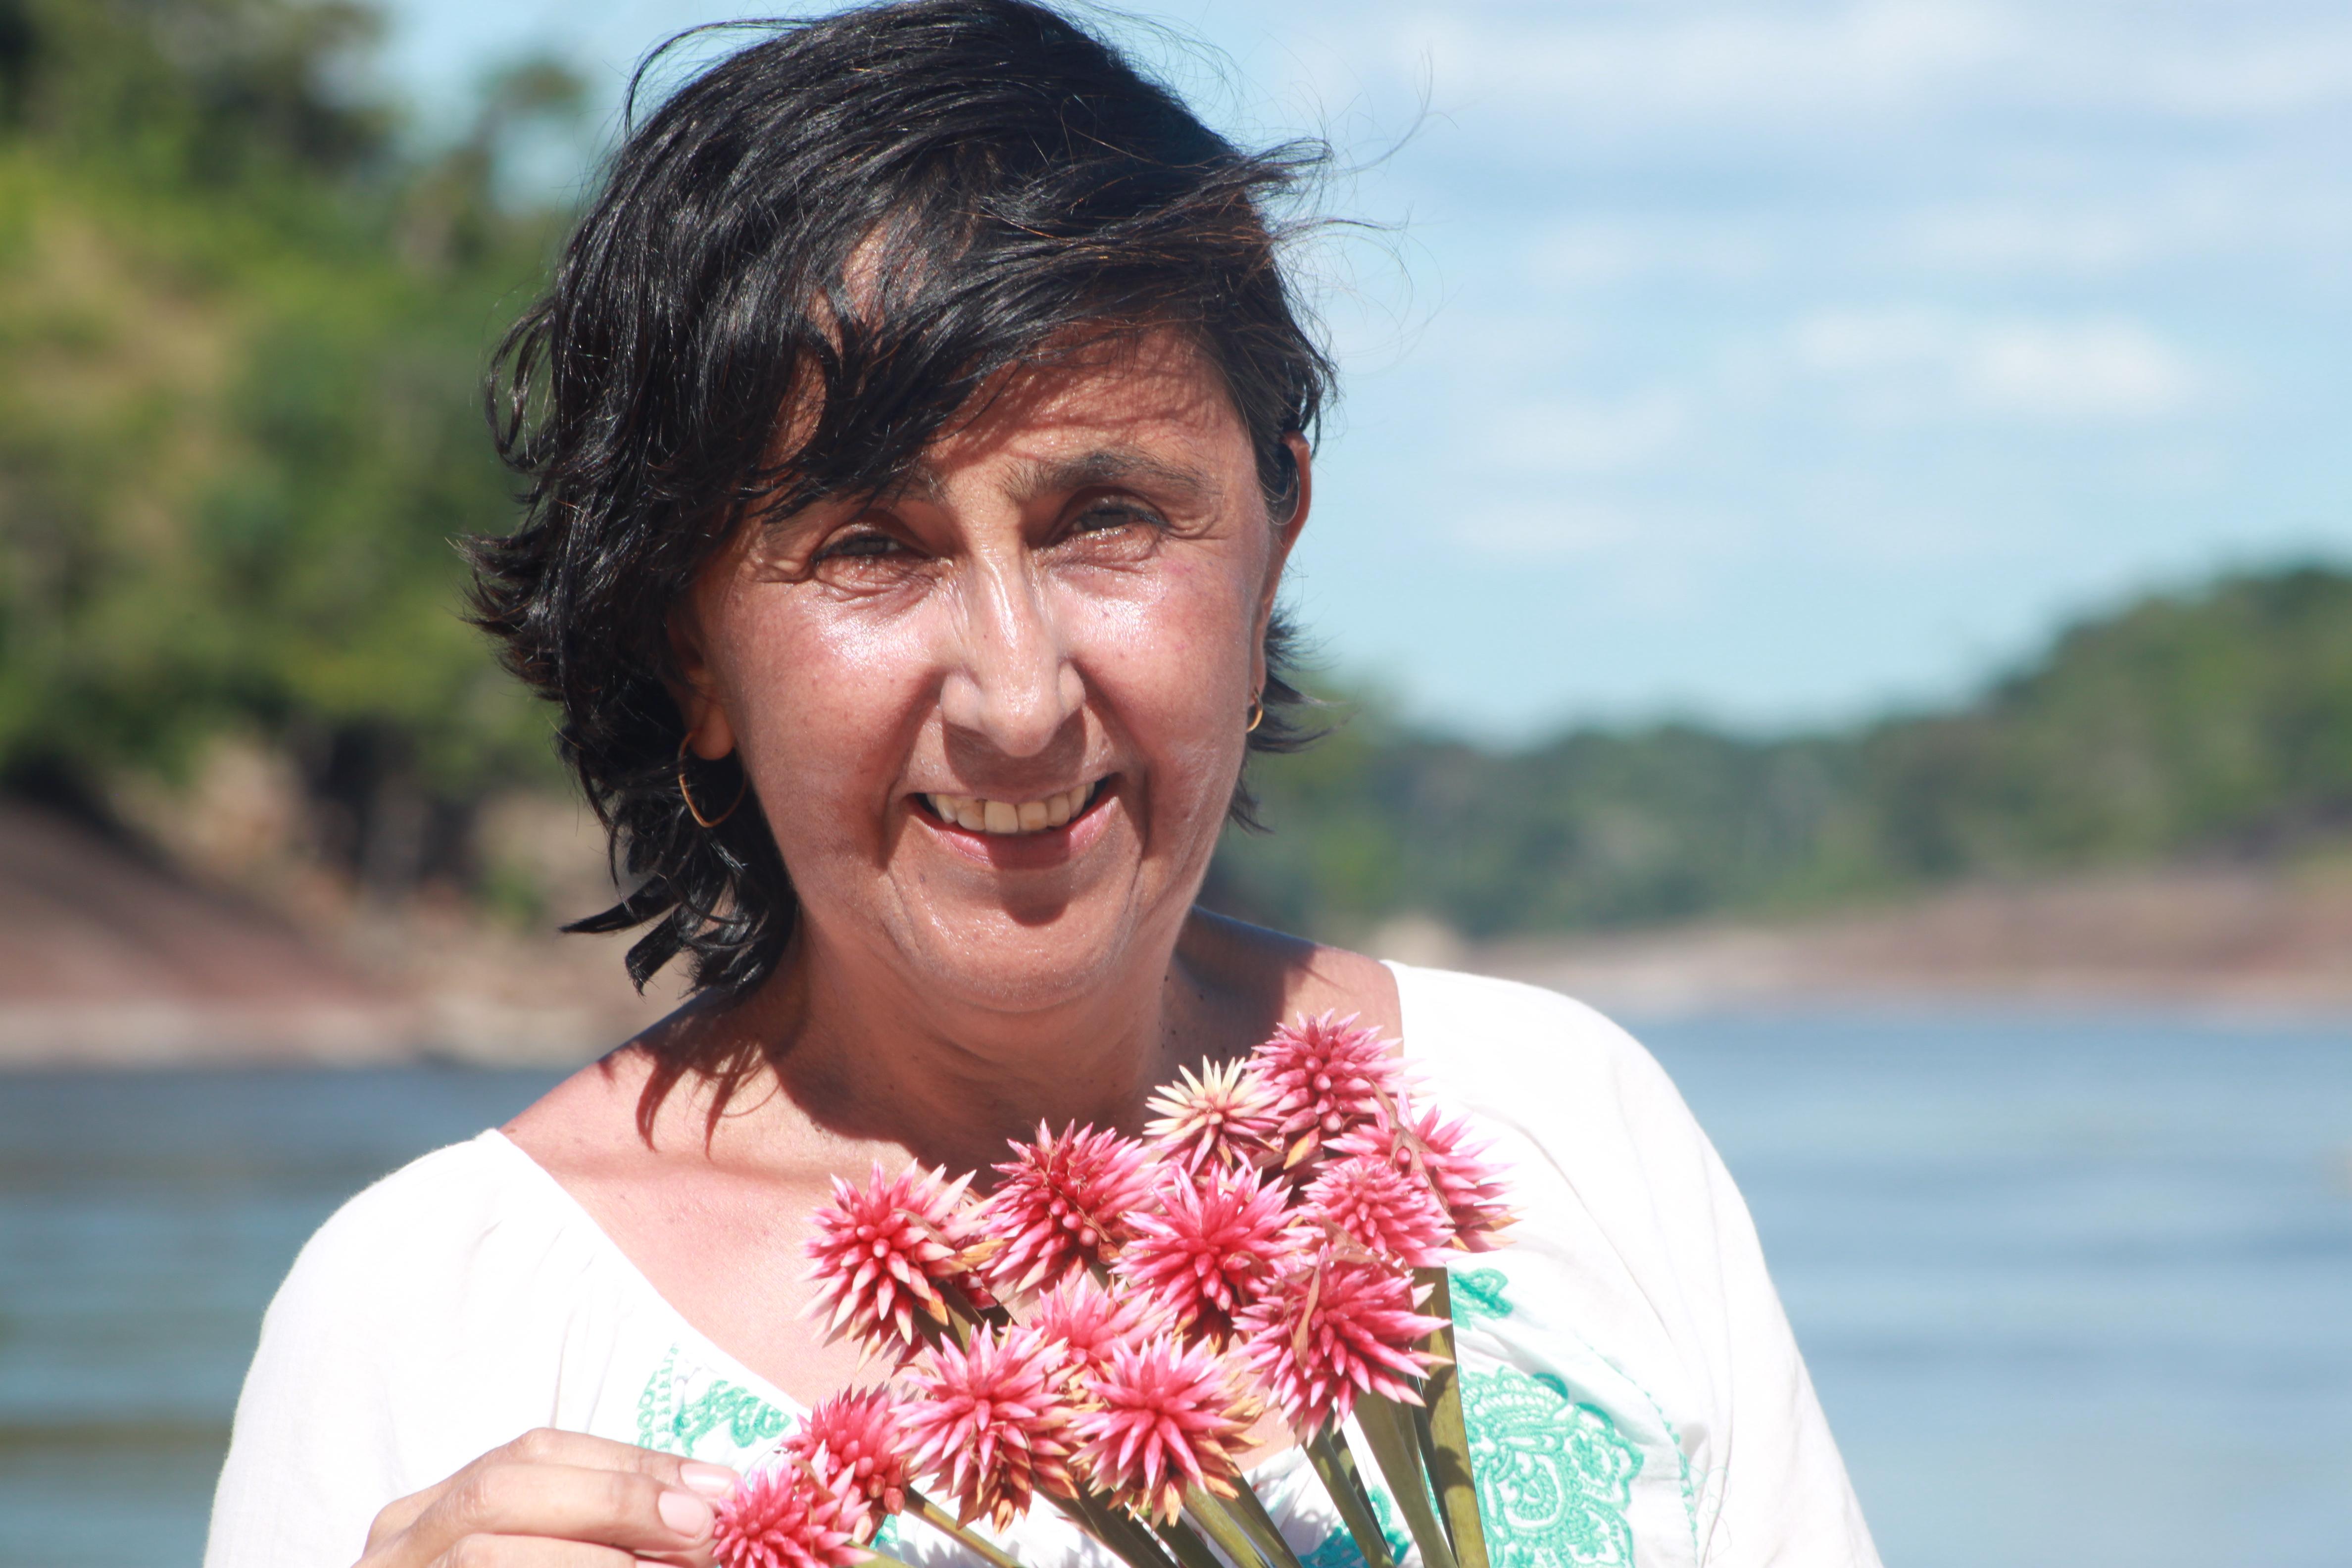 La flor de Inírida, sustento para los indígenas curripaco